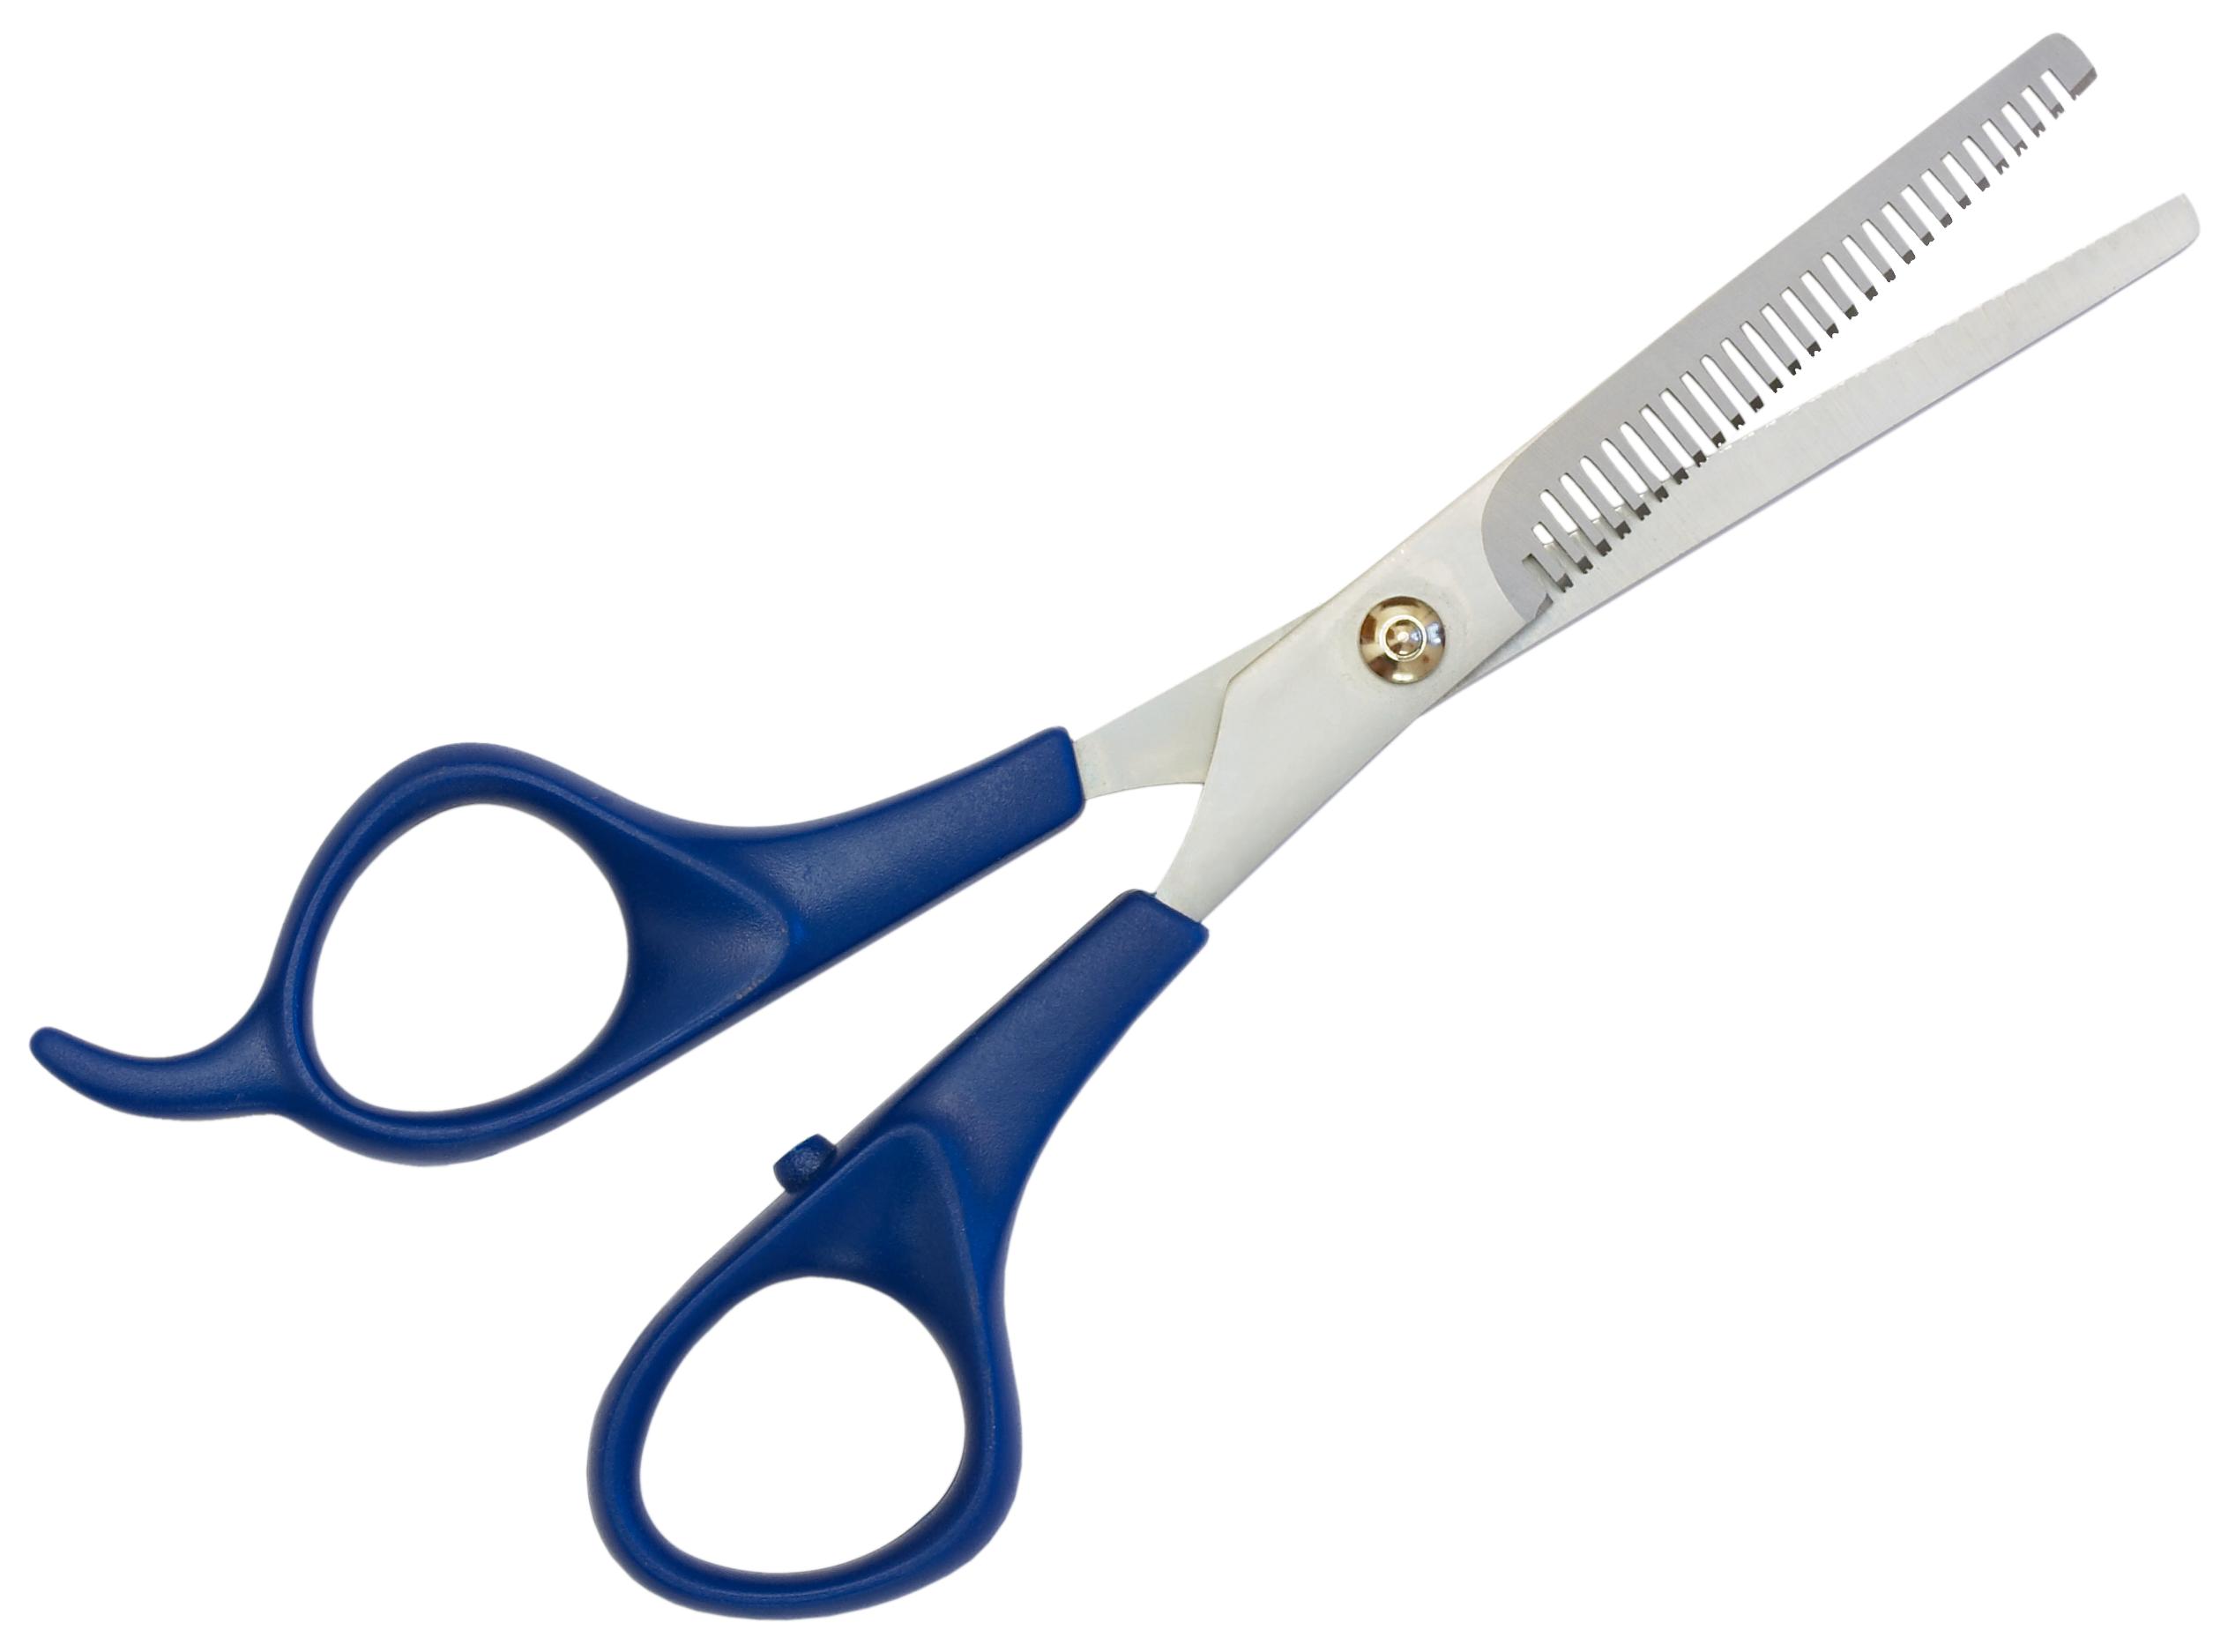 Shears clipart sizer. Scissor png transparent images